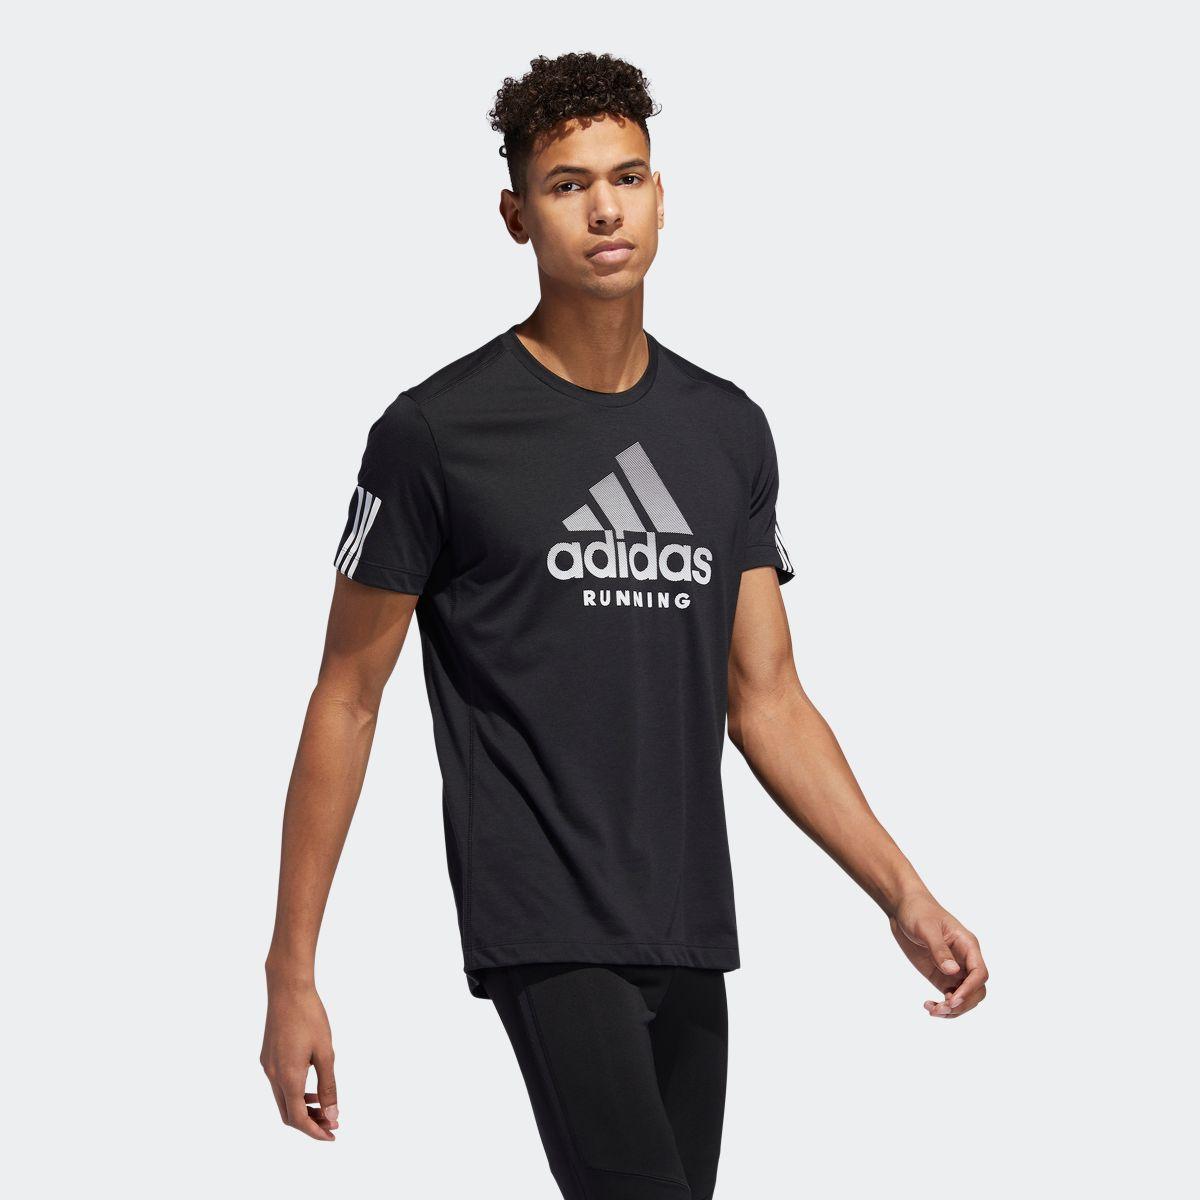 adidas run it shirt